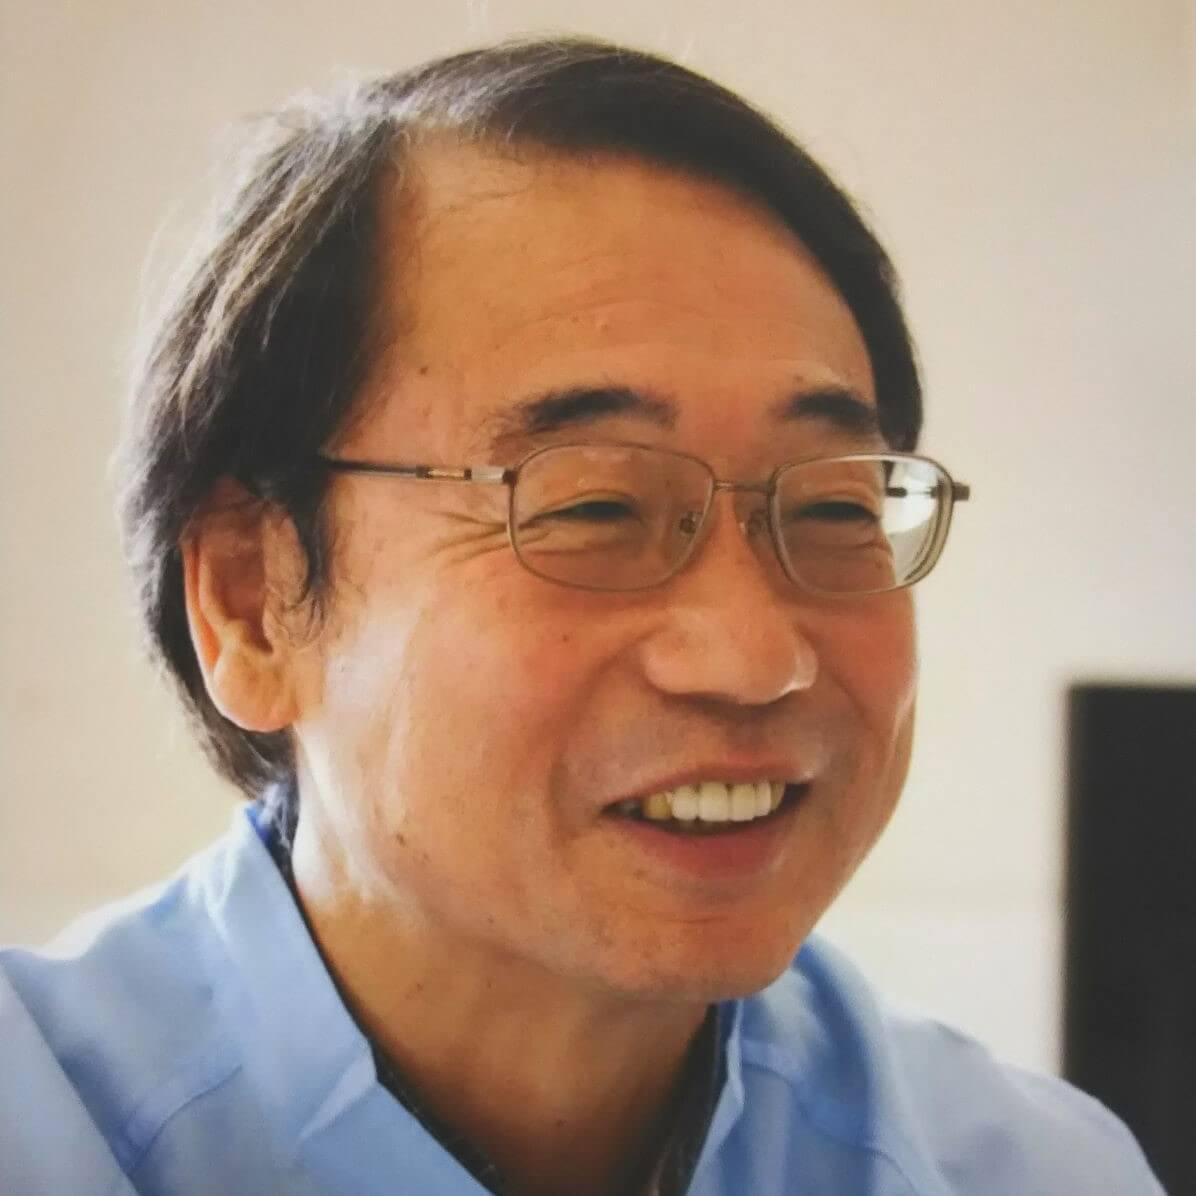 高橋英雄氏 プロフィール